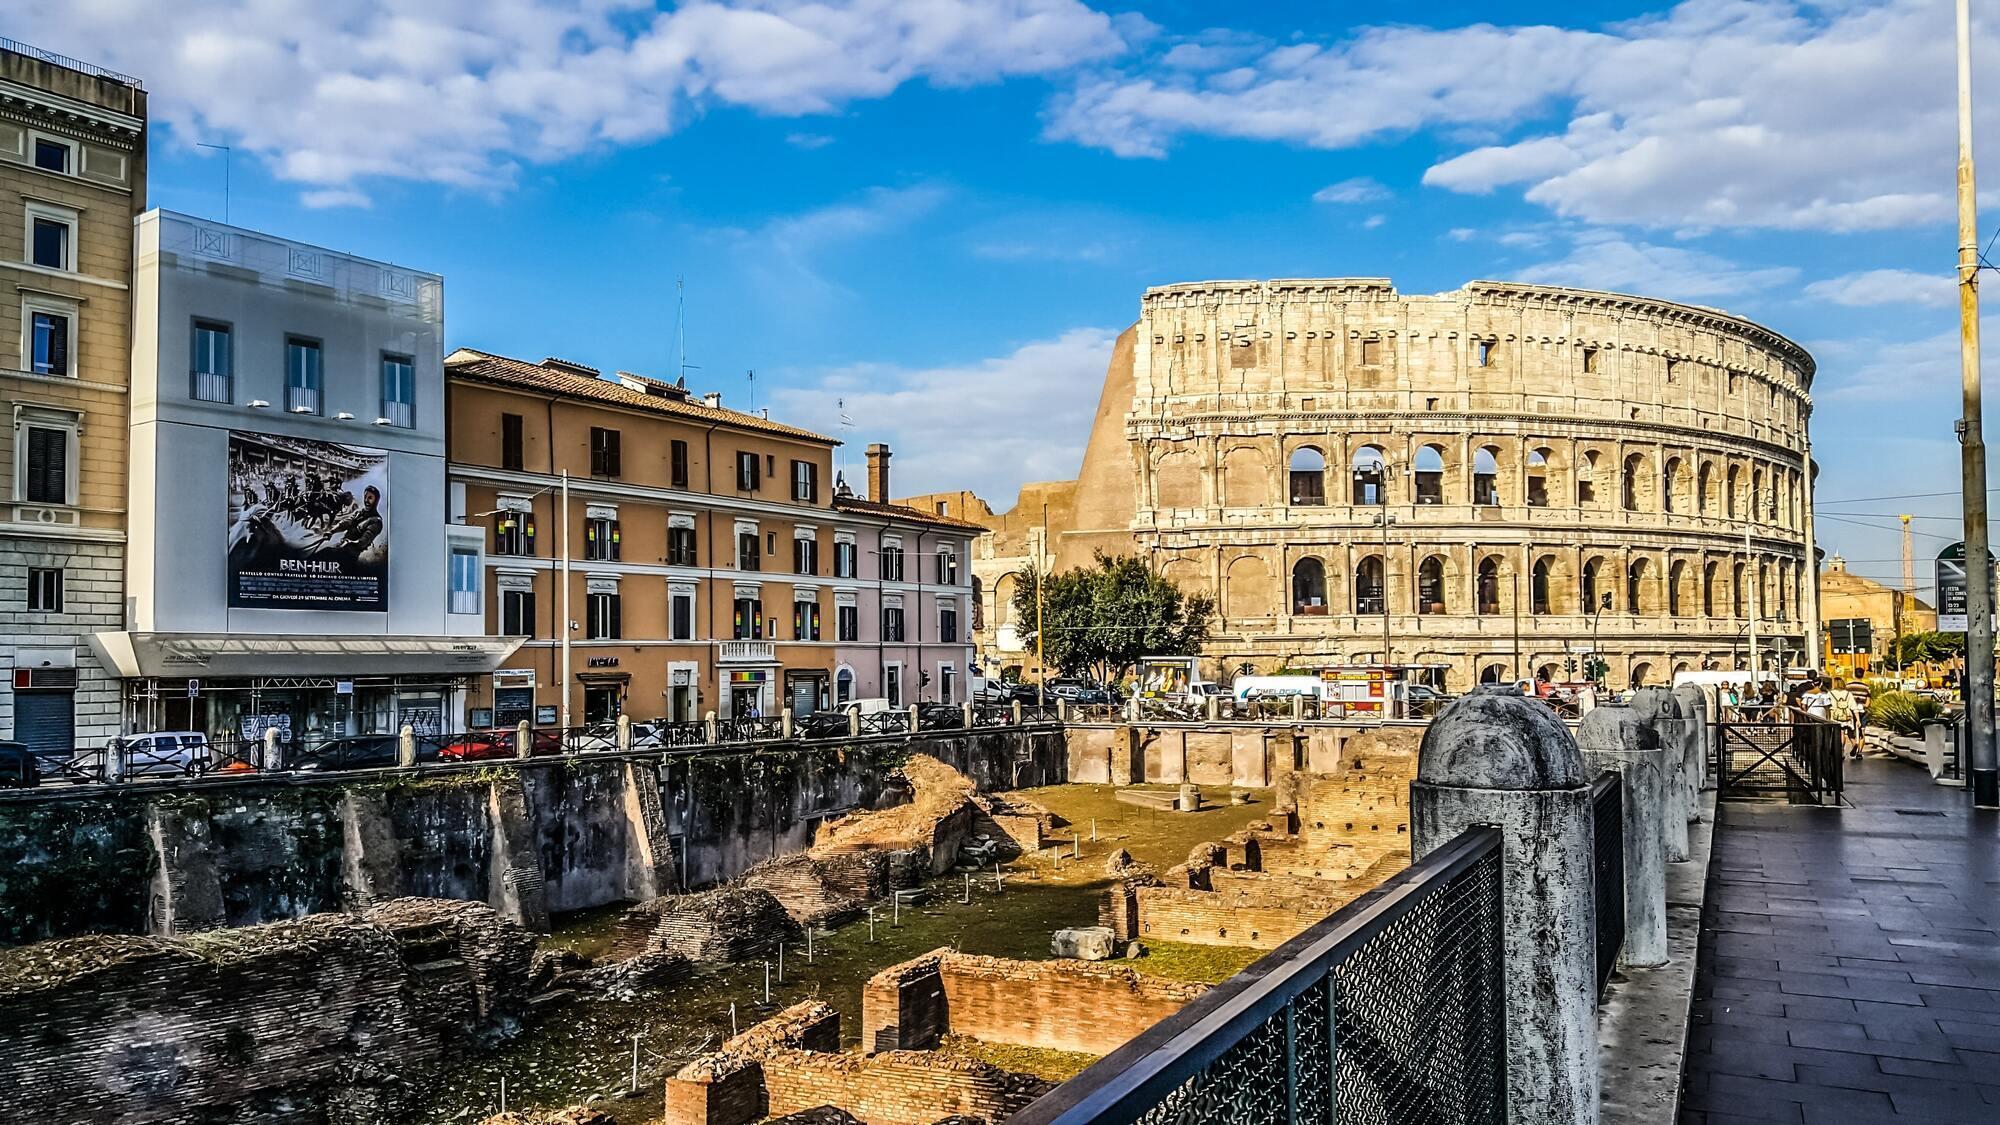 В Италии и многих других странах работает популярная мошенническая схема